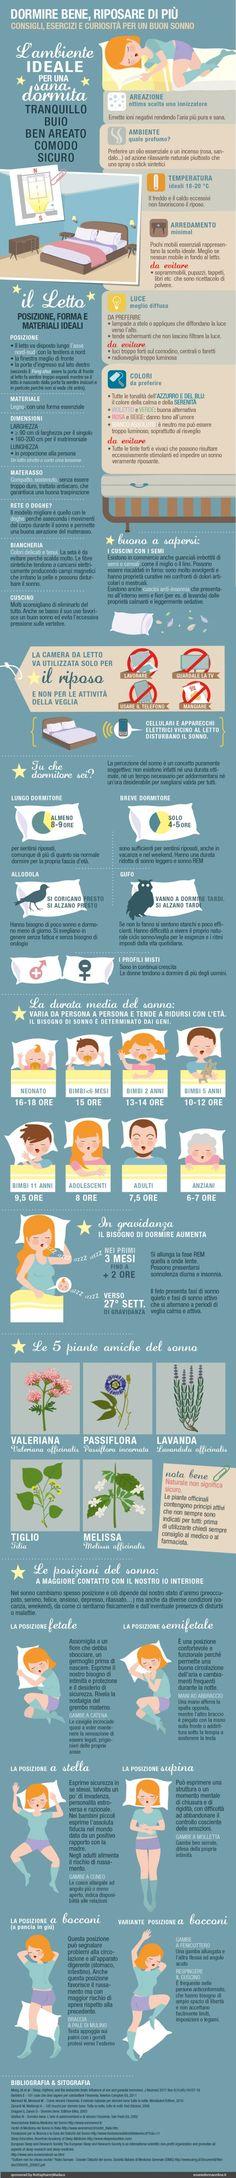 Dormire bene, riposare di più. Consigli, esercizi e curiosità per un buon sonno - esseredonnaonline